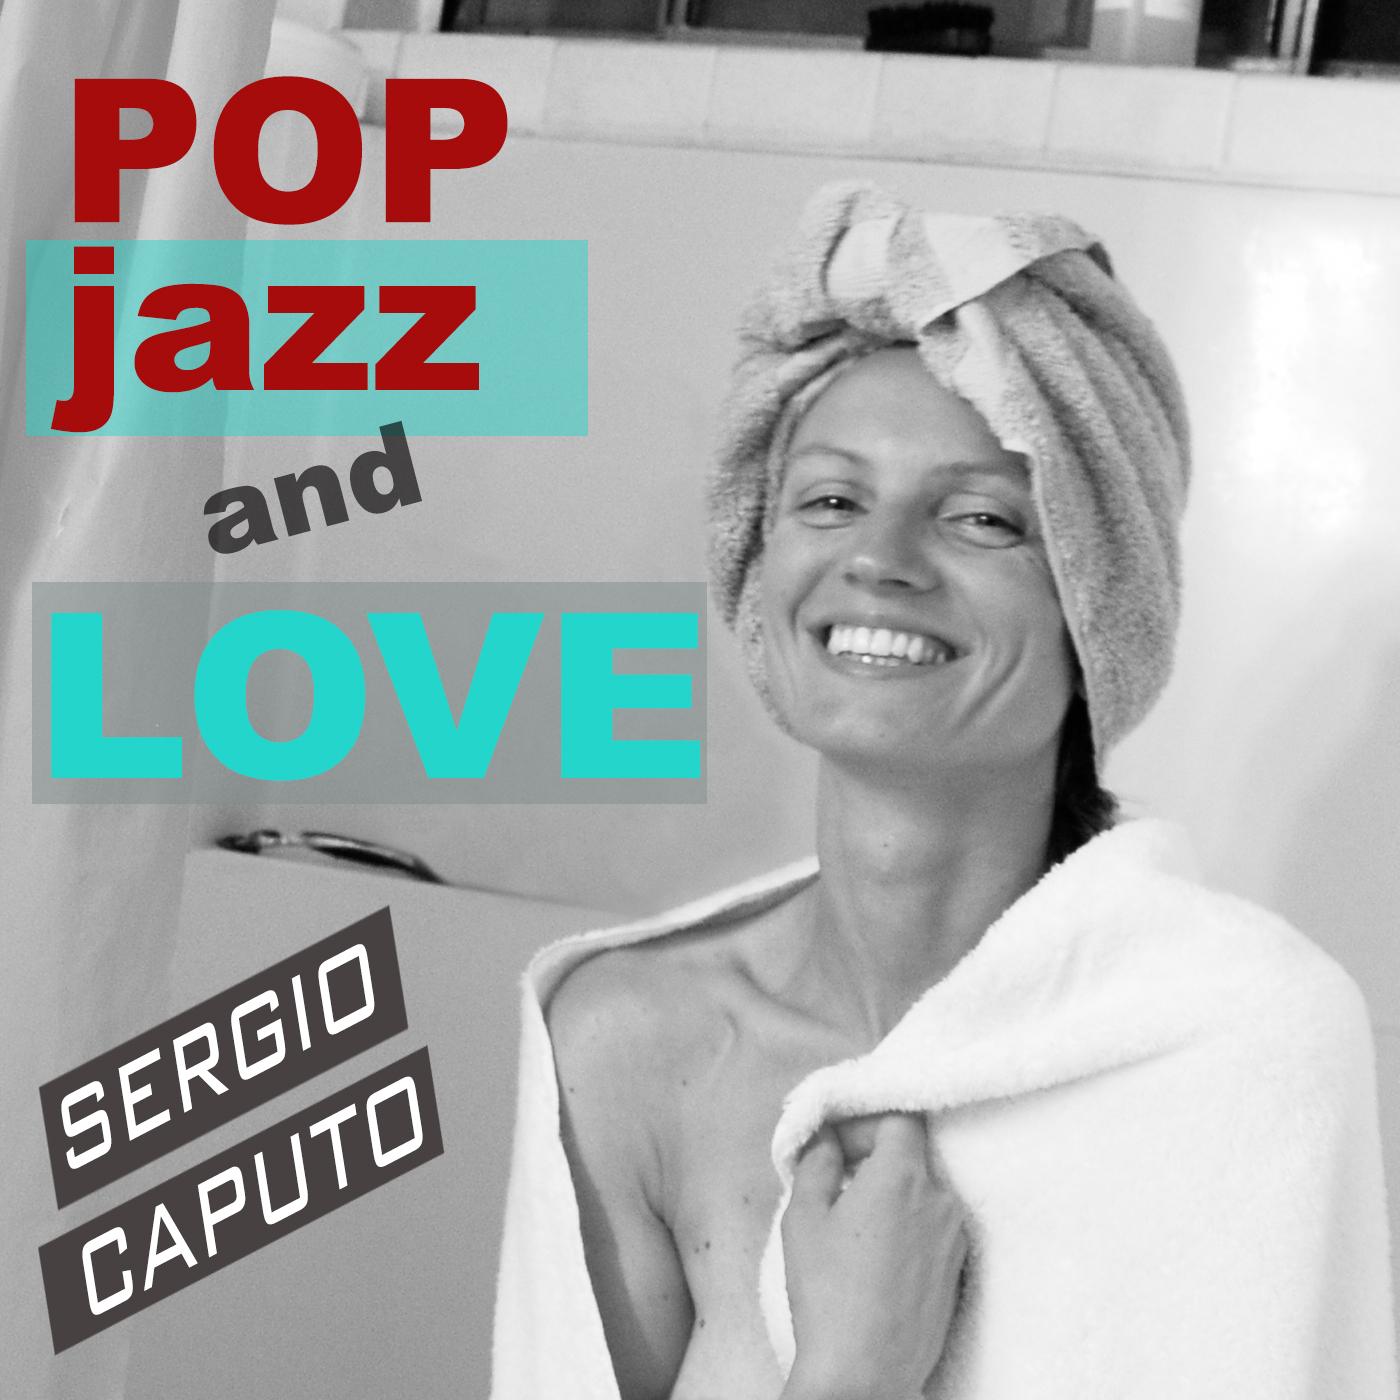 POP_JAZZ_COVER